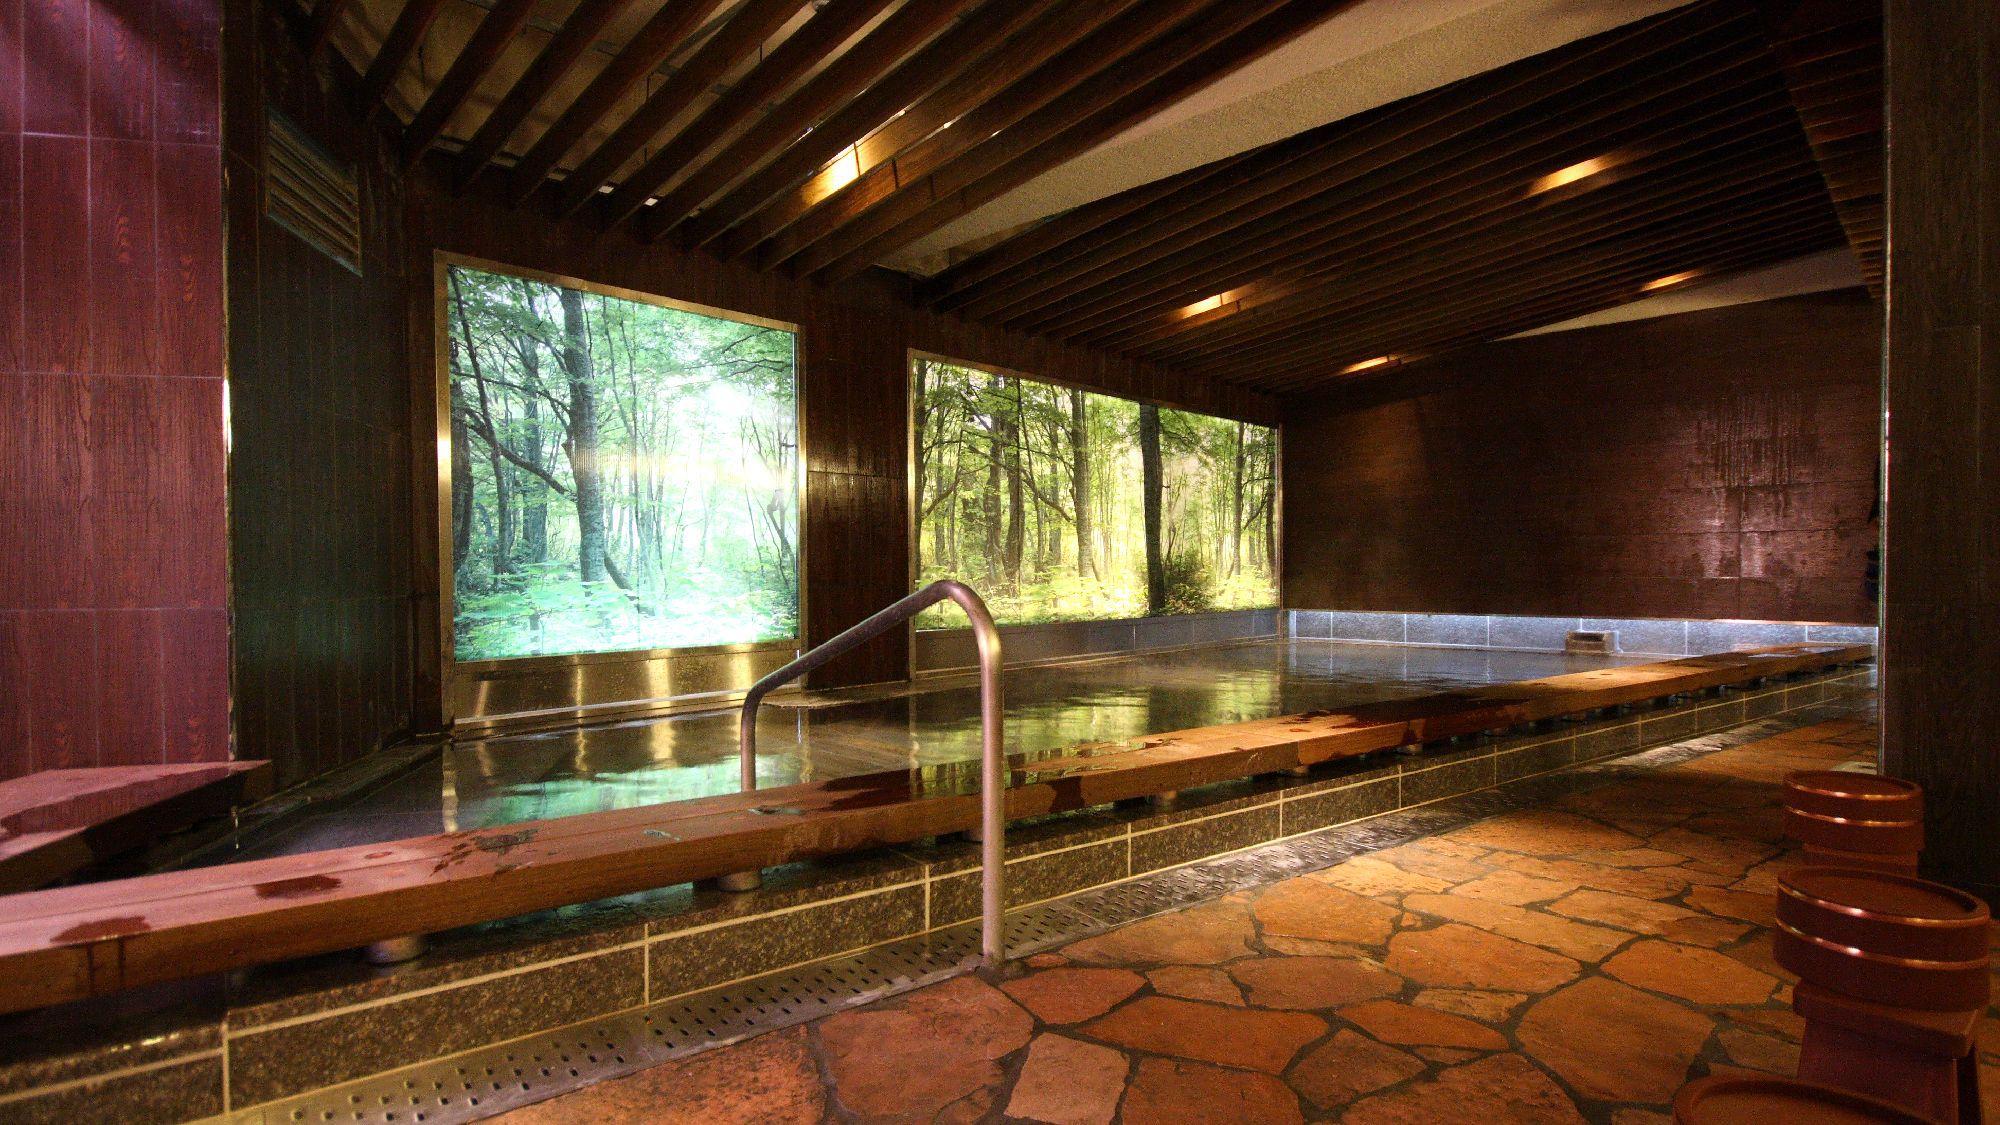 ◇本館<湯遊天国>〜木もれ陽の湯〜森林をイメージした大スクリーンが自然の中での入浴を演出。